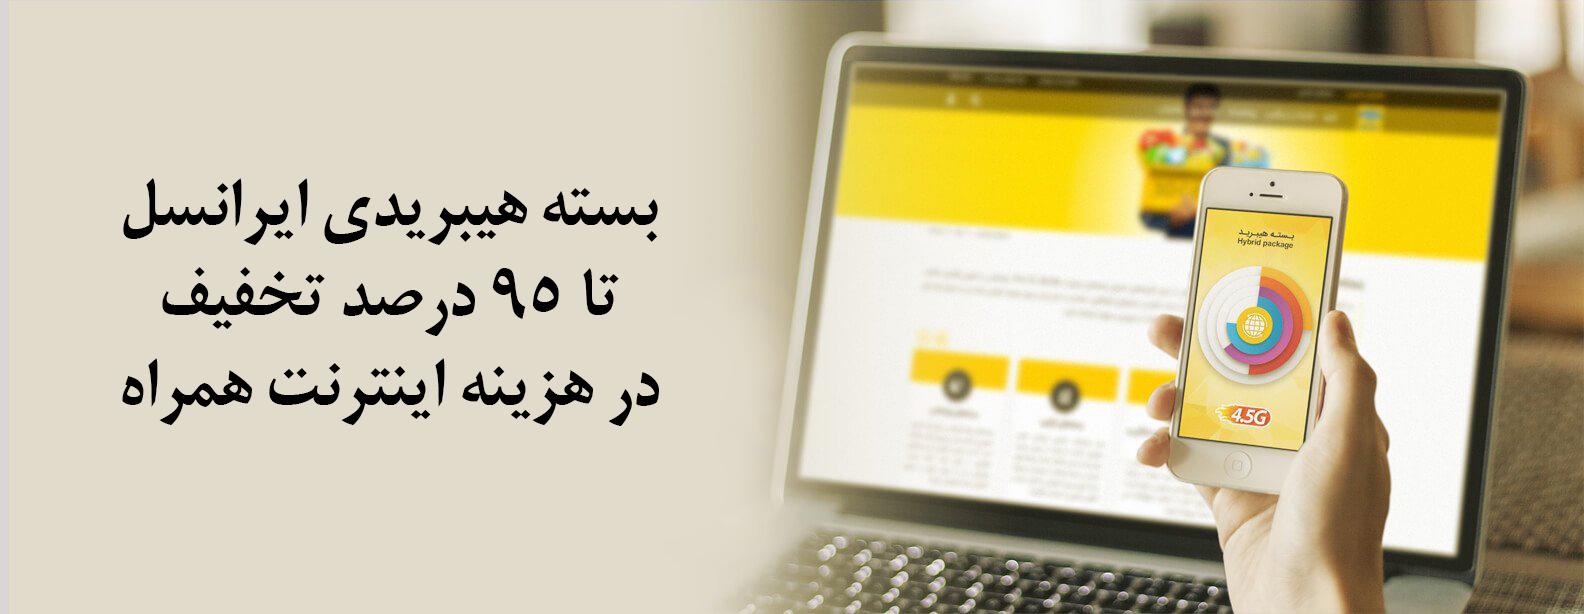 بسته هیبریدی ایرانسل